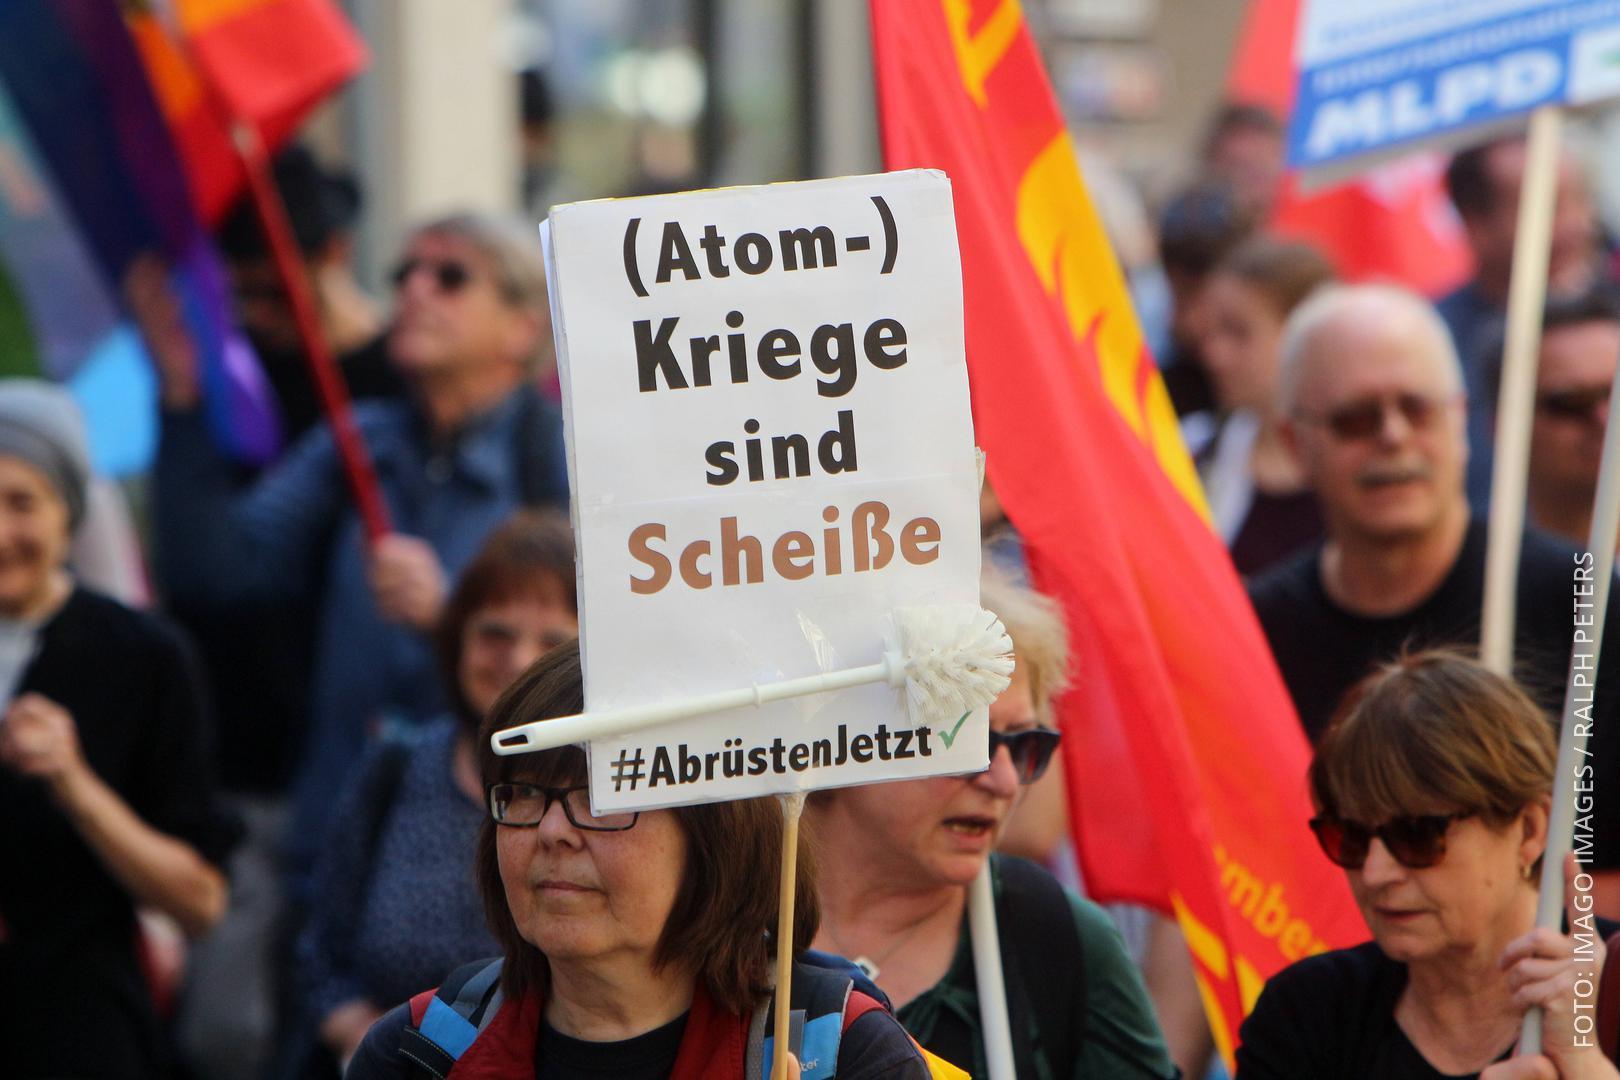 """Eine Demonstrantin hält ein Plakat hoch, auf dem steht: """"Atom-Kriege sind Scheiße""""."""